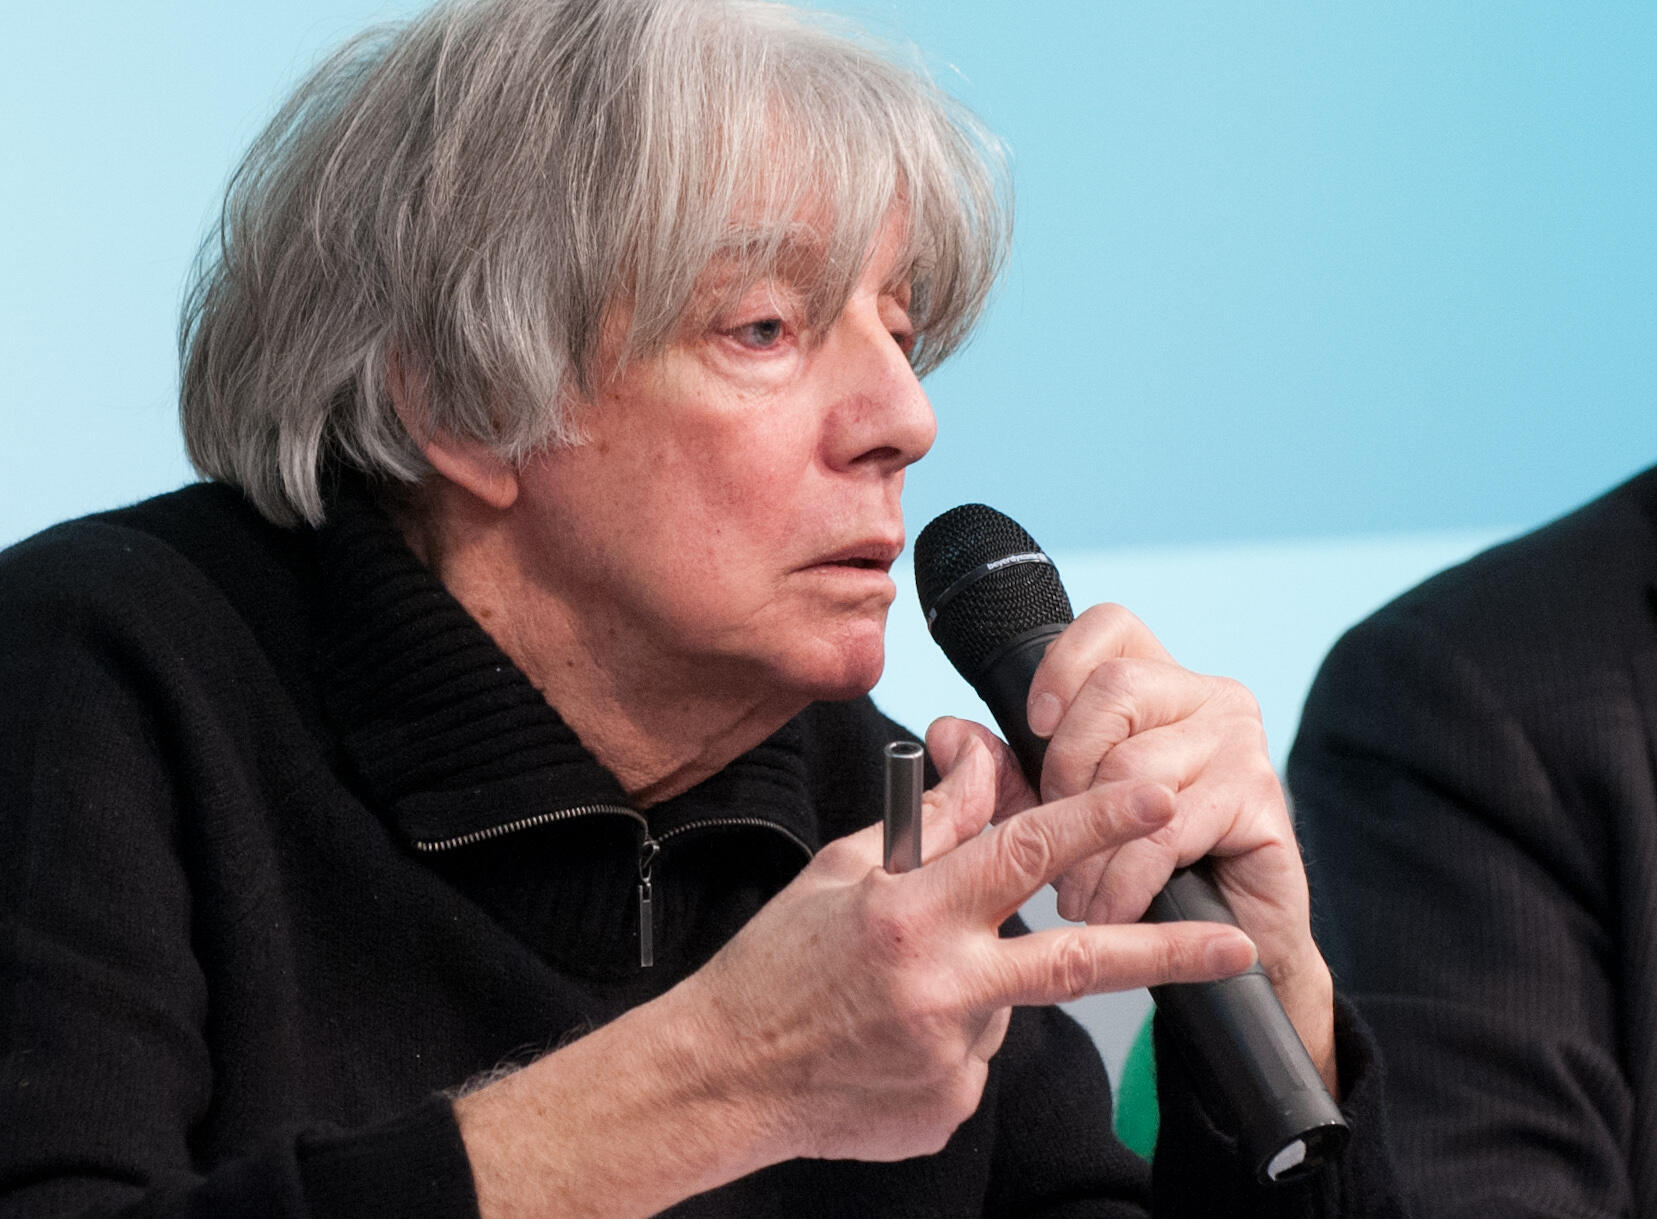 آندره گلوکسمن، فیلسوف معروف فرانسوی